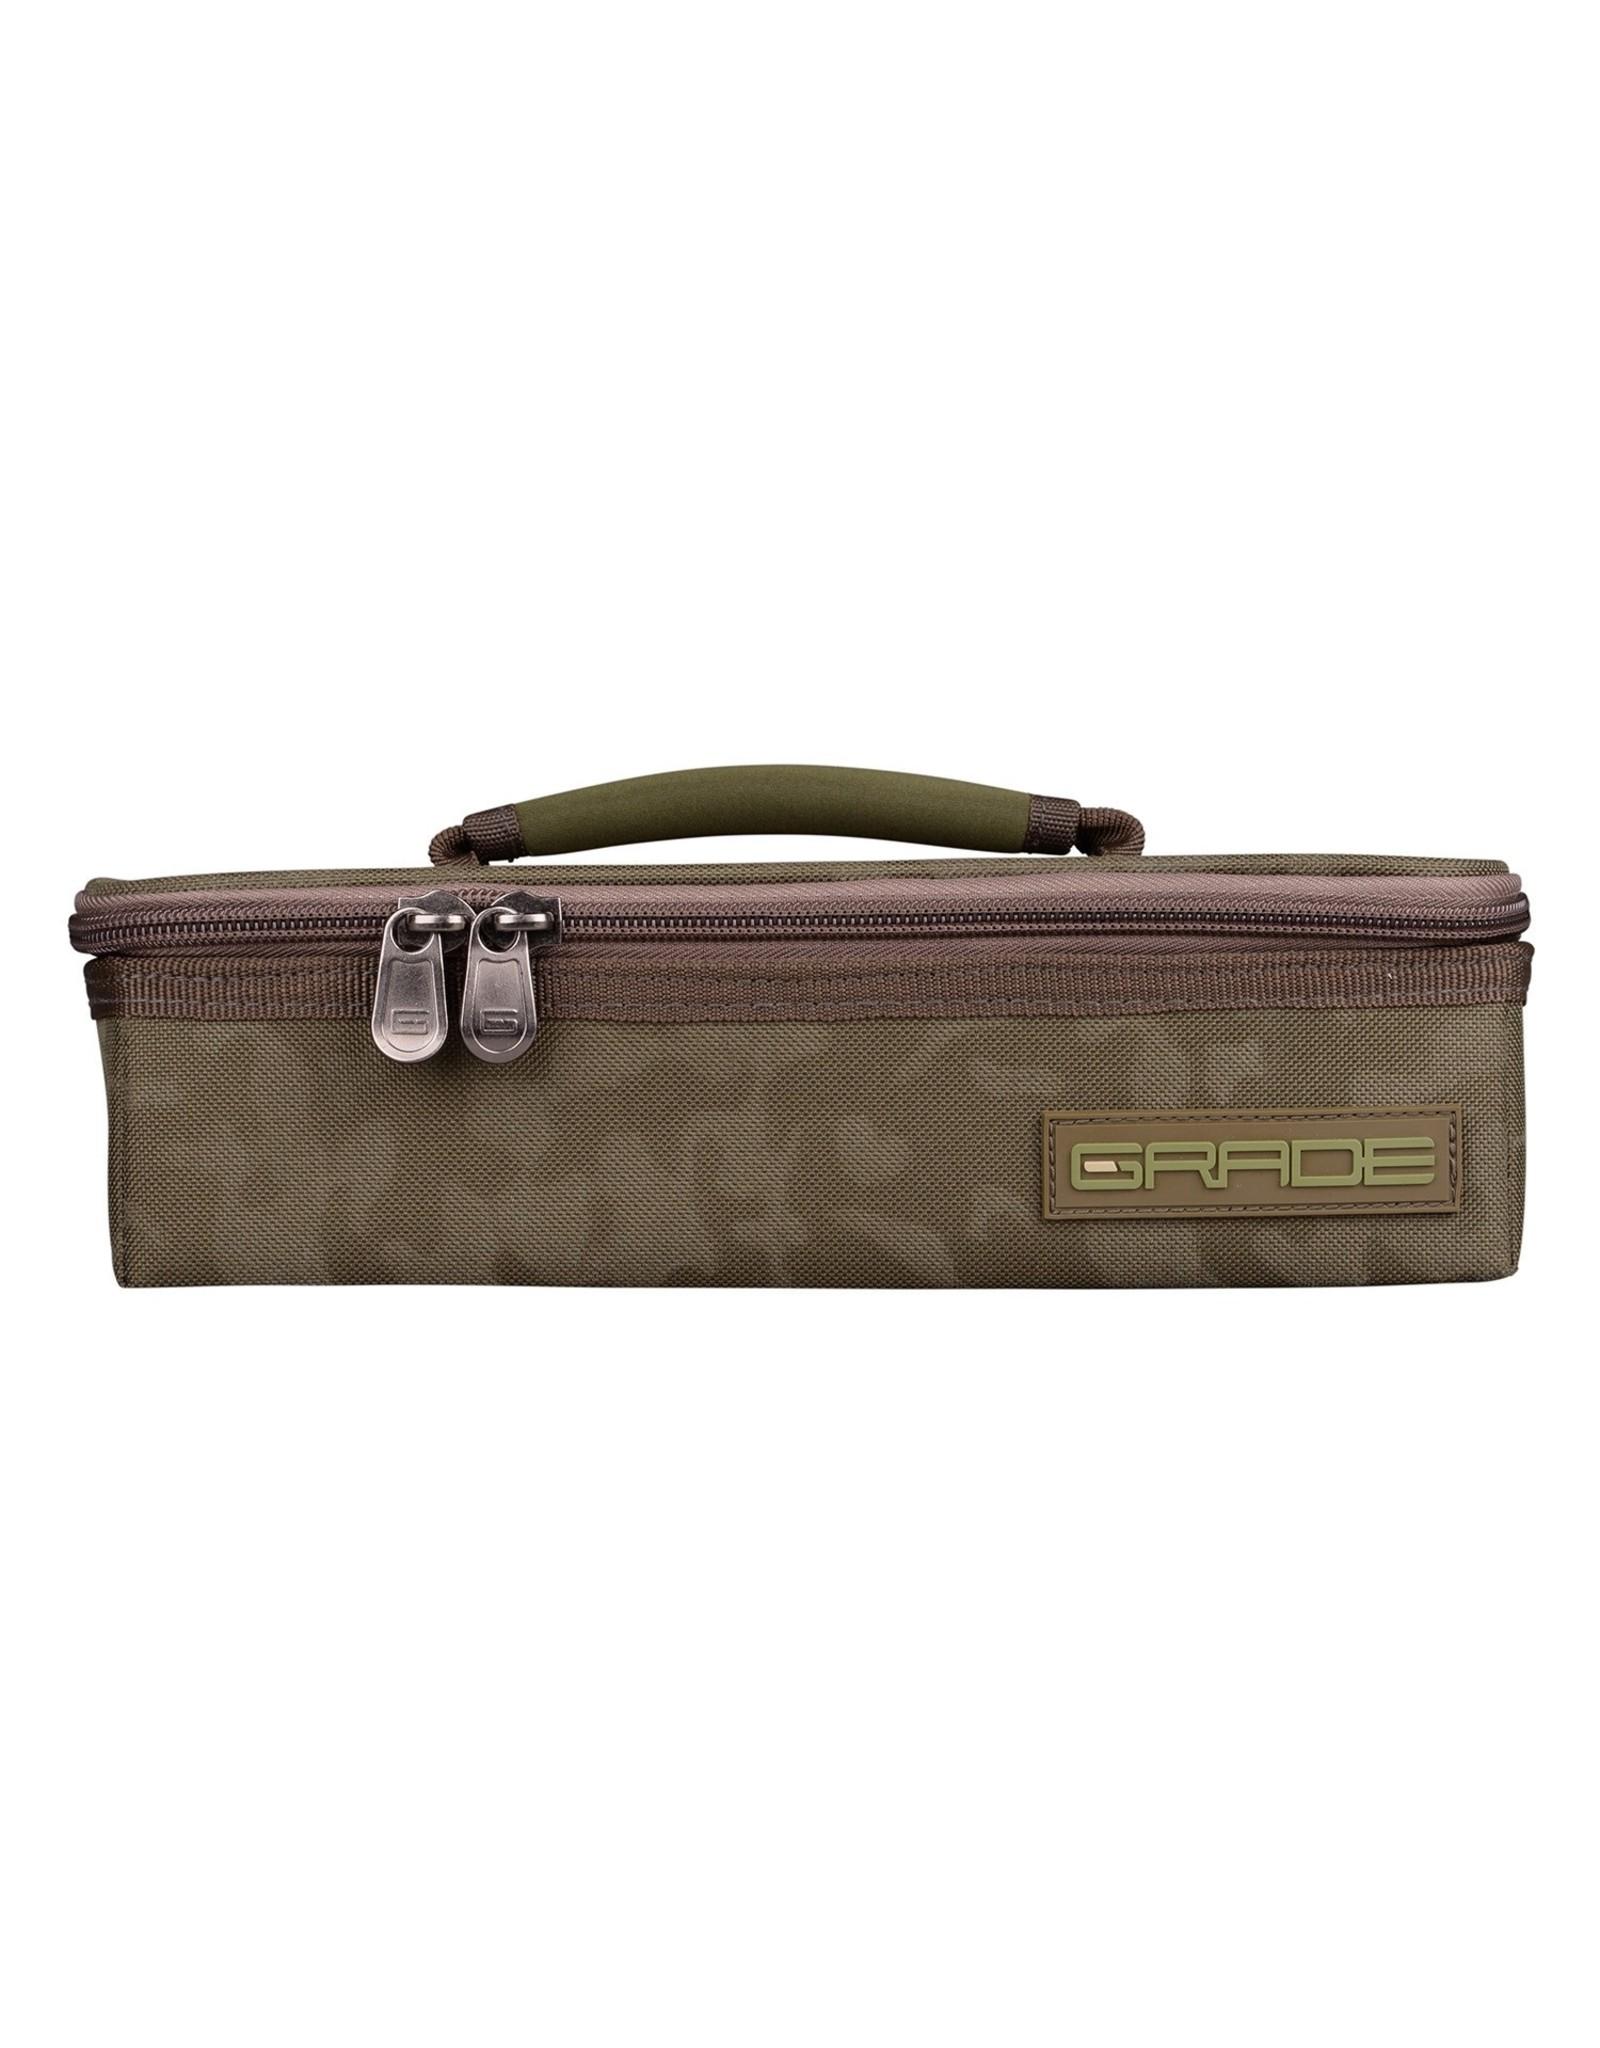 STRTG Grade Tackle Bag